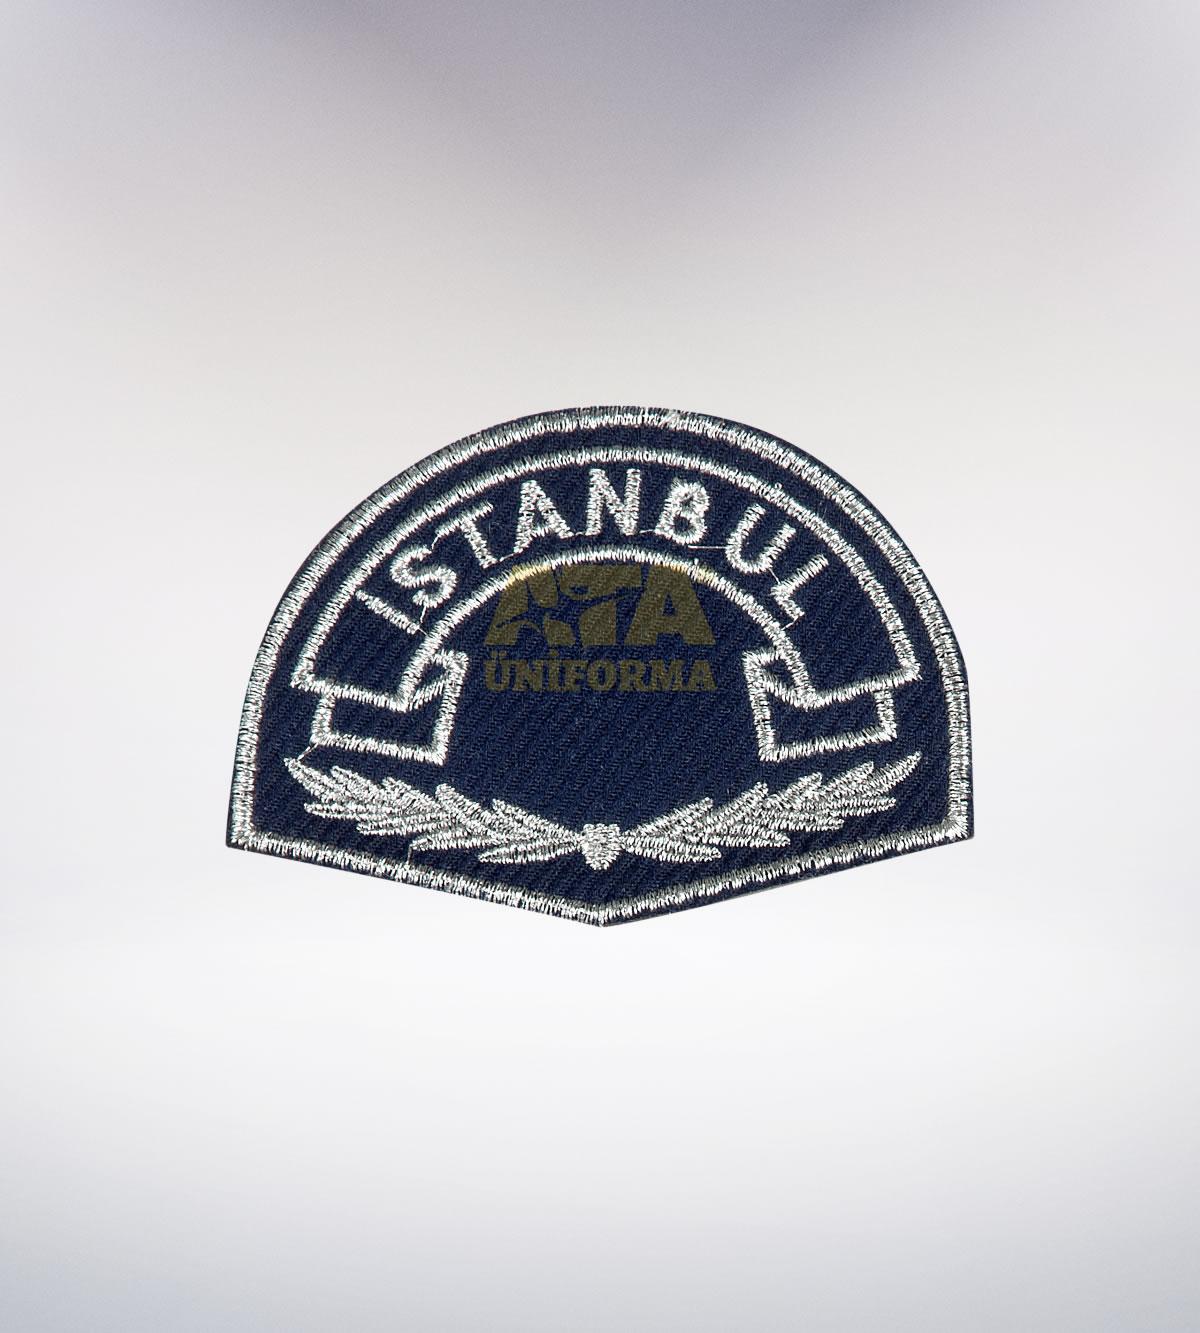 ATA-1041 Polis nakışlı arma - polis elbiseleri | polis üniformaları | polis kıyafetleri